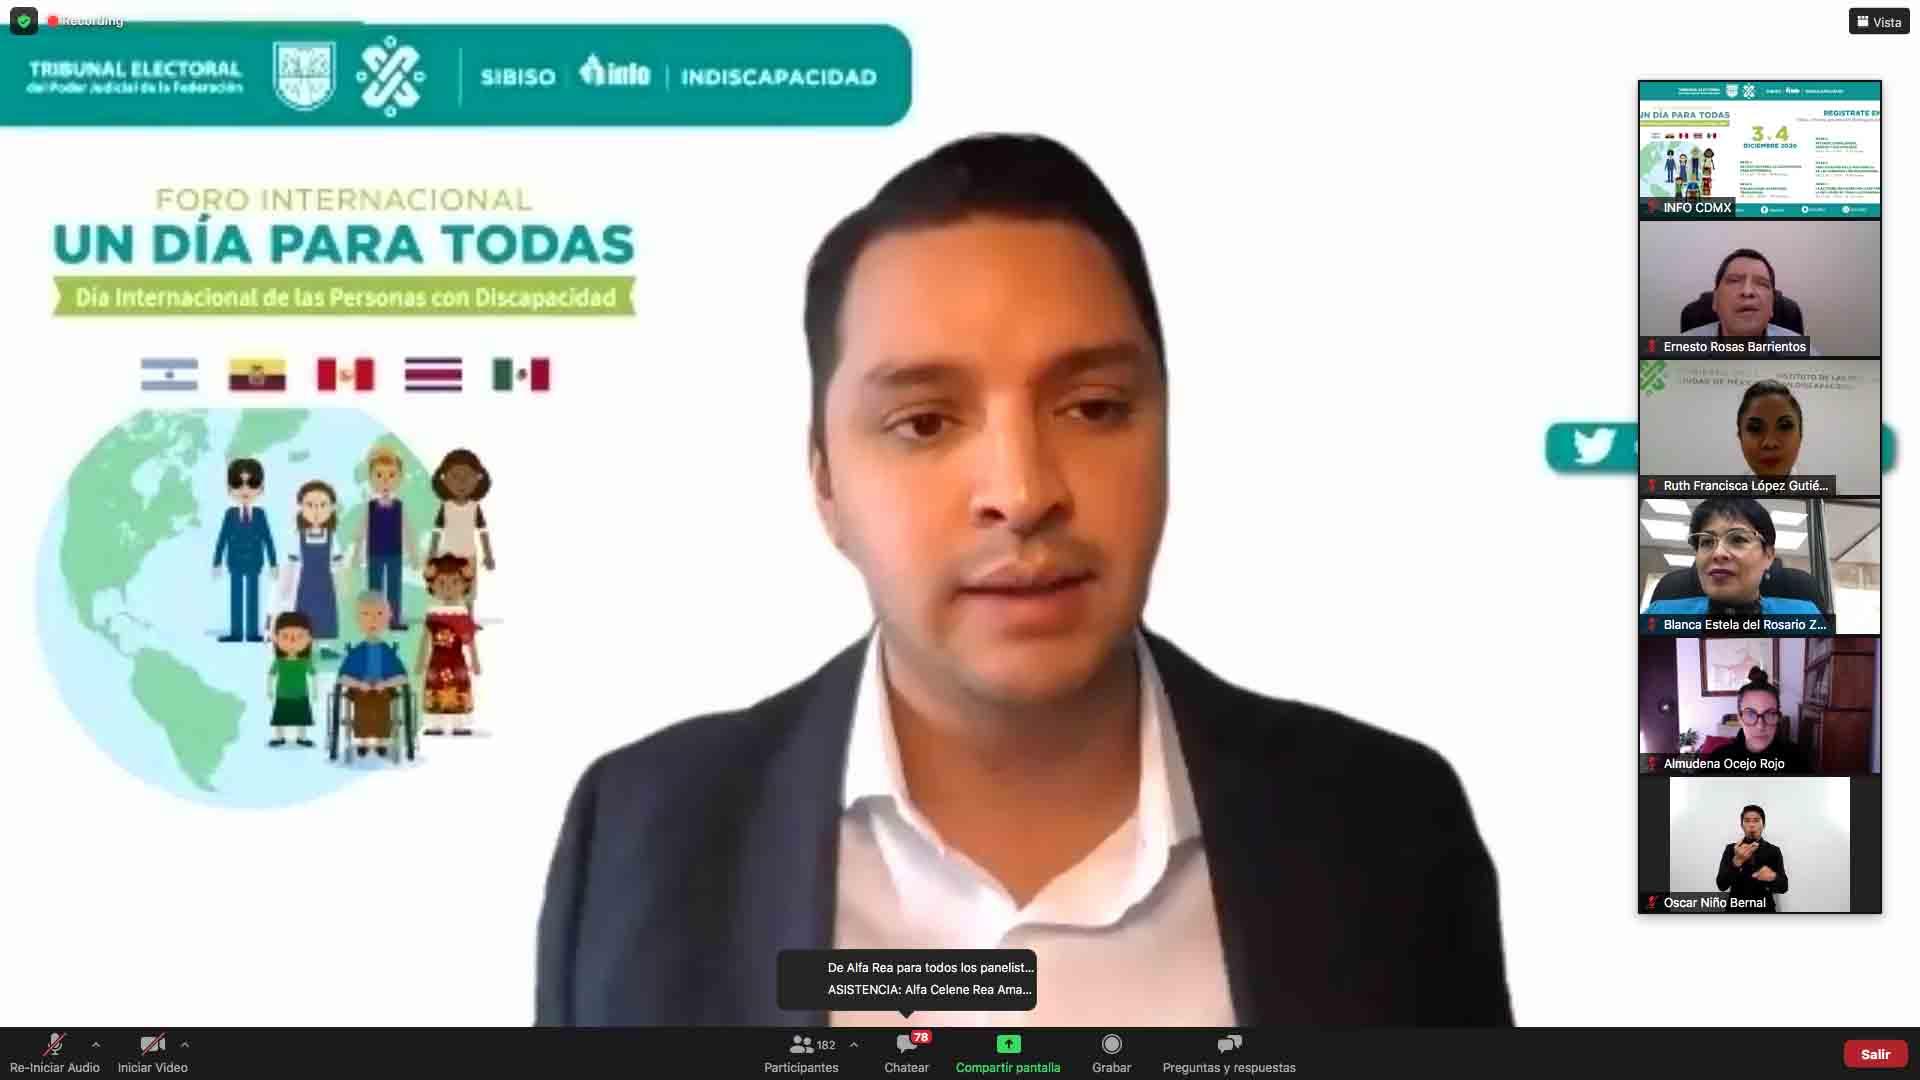 UN DÍA PARA TODAS 031220